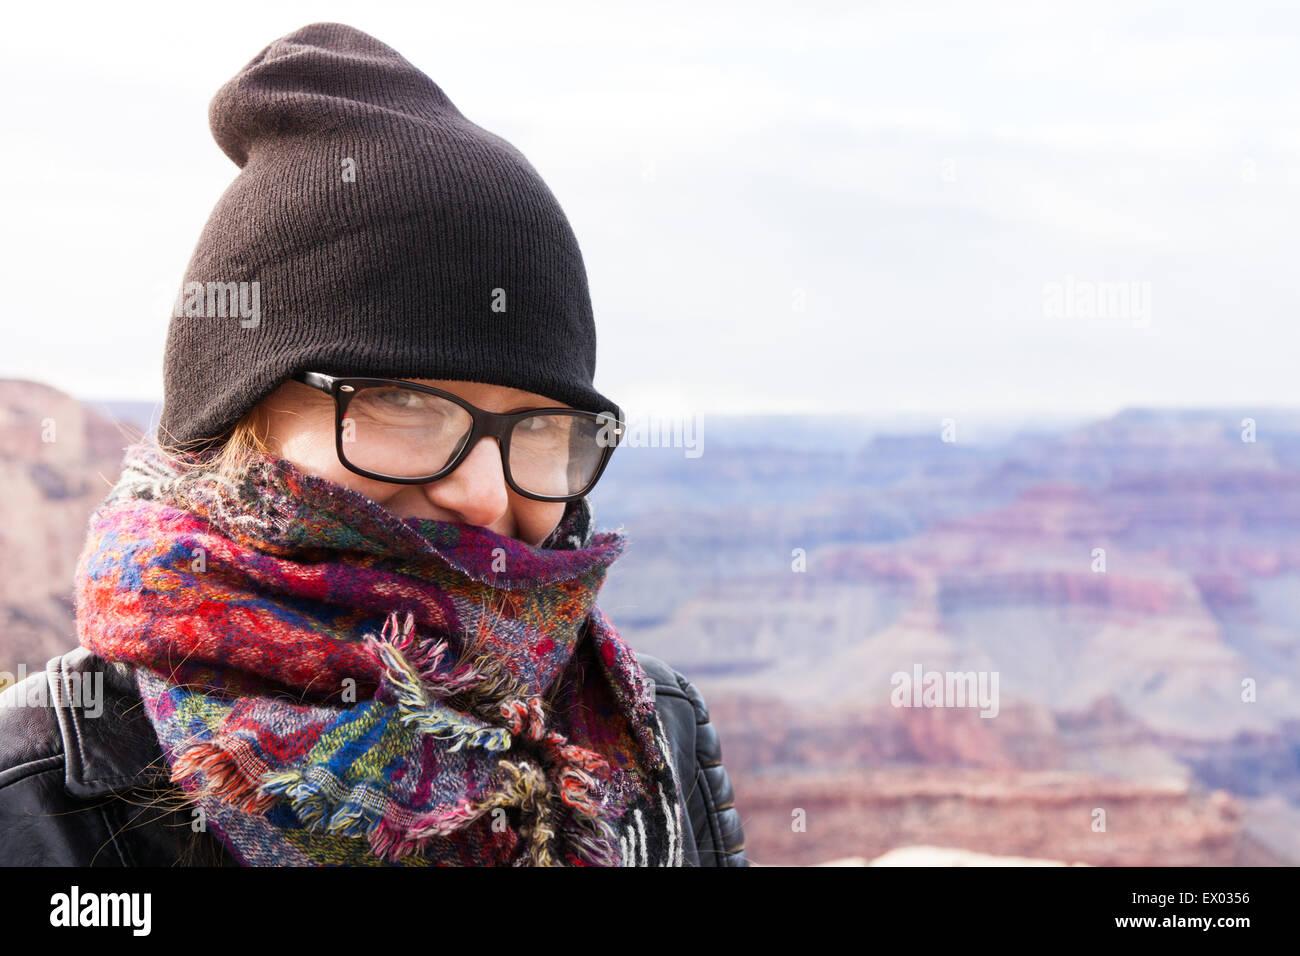 Woman wearing hat and scarf, Grand Canyon, Arizona, USA Photo Stock